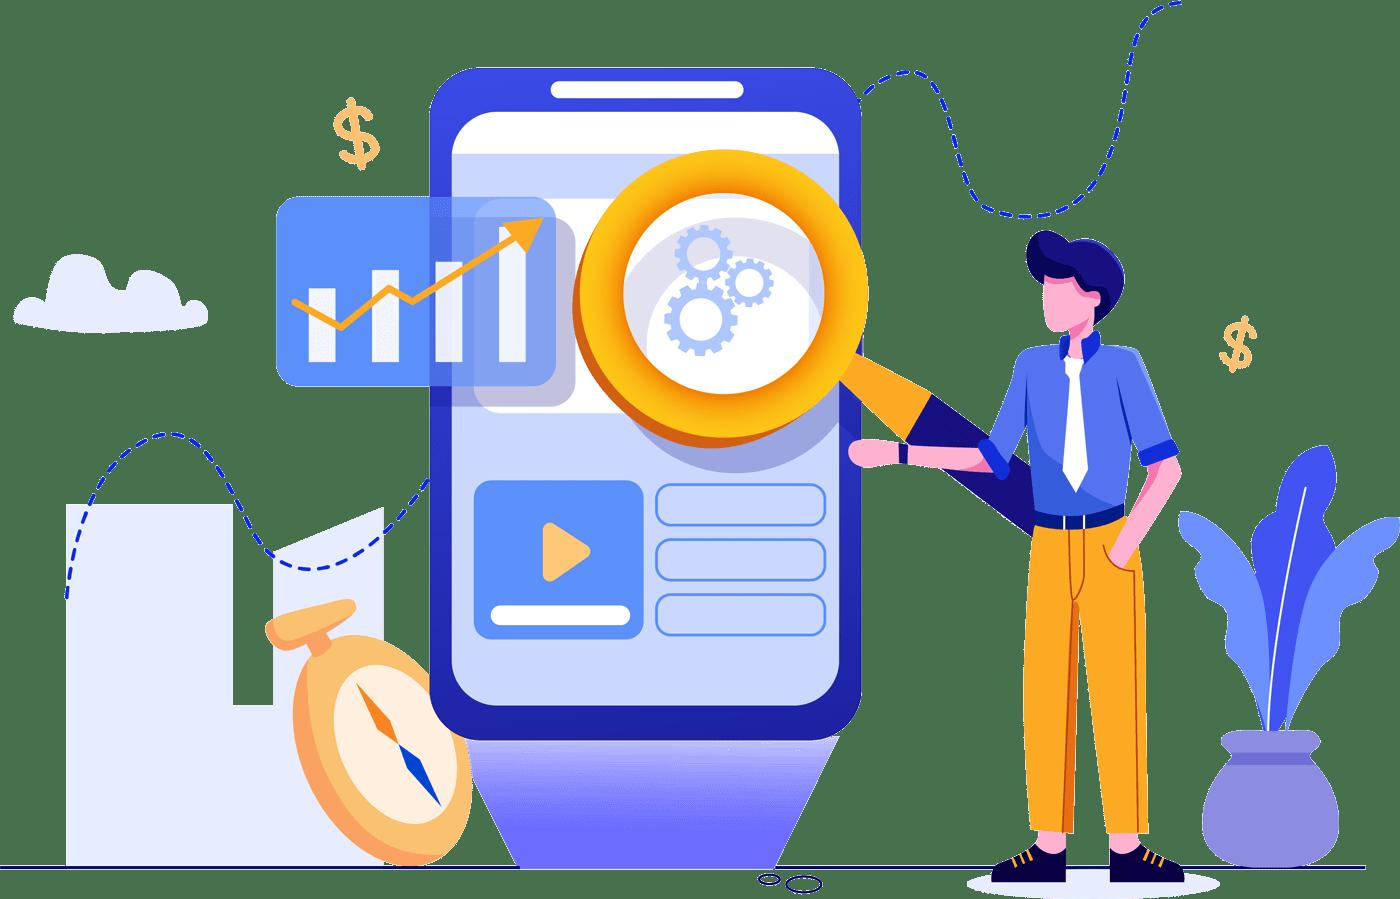 seo søkemotoroptimalisering loddo digital markedsføring